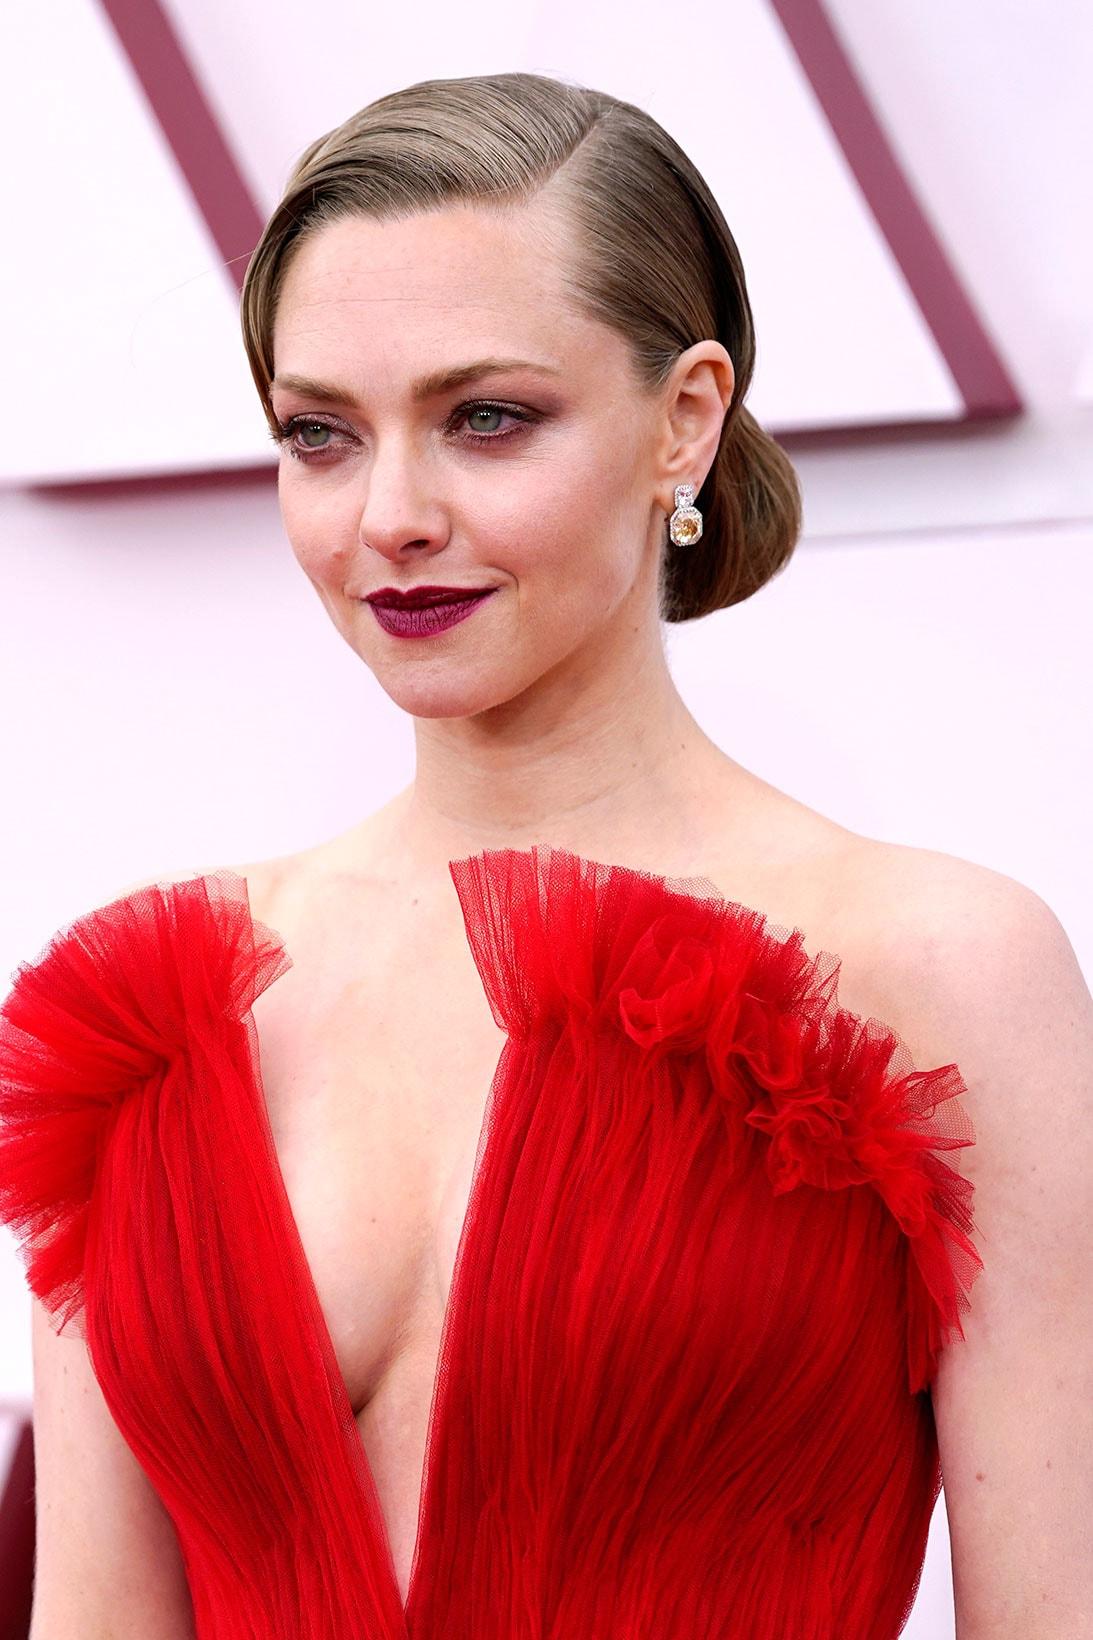 oscars 93rd academy awards best beauty red carpet looks hair makeup zendaya her